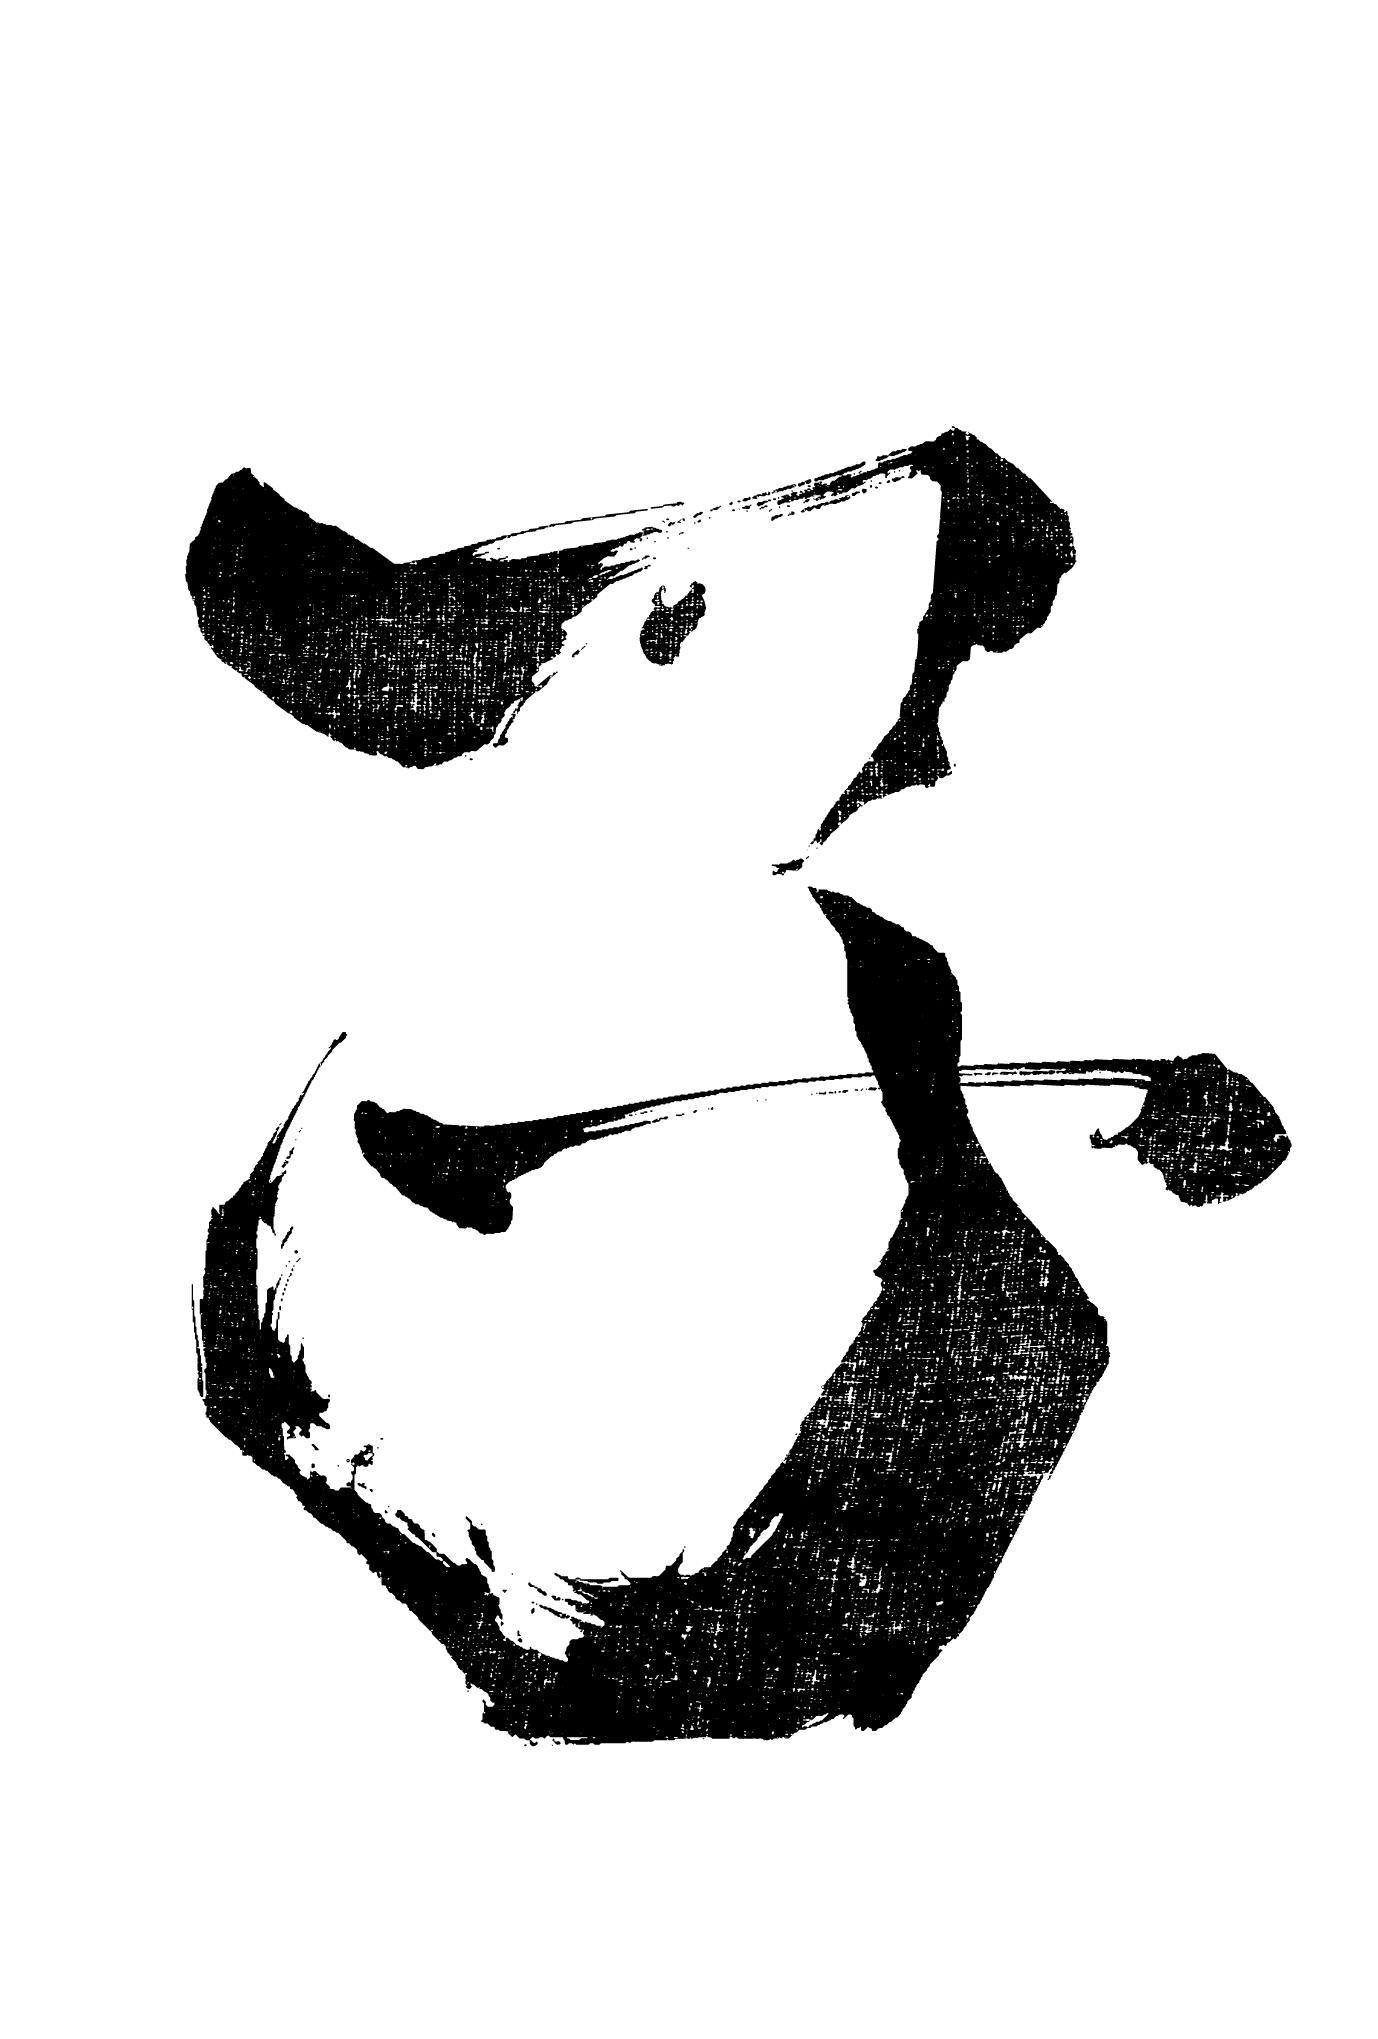 2020年賀状08-3:子 Calligraphy(黒)のダウンロード画像